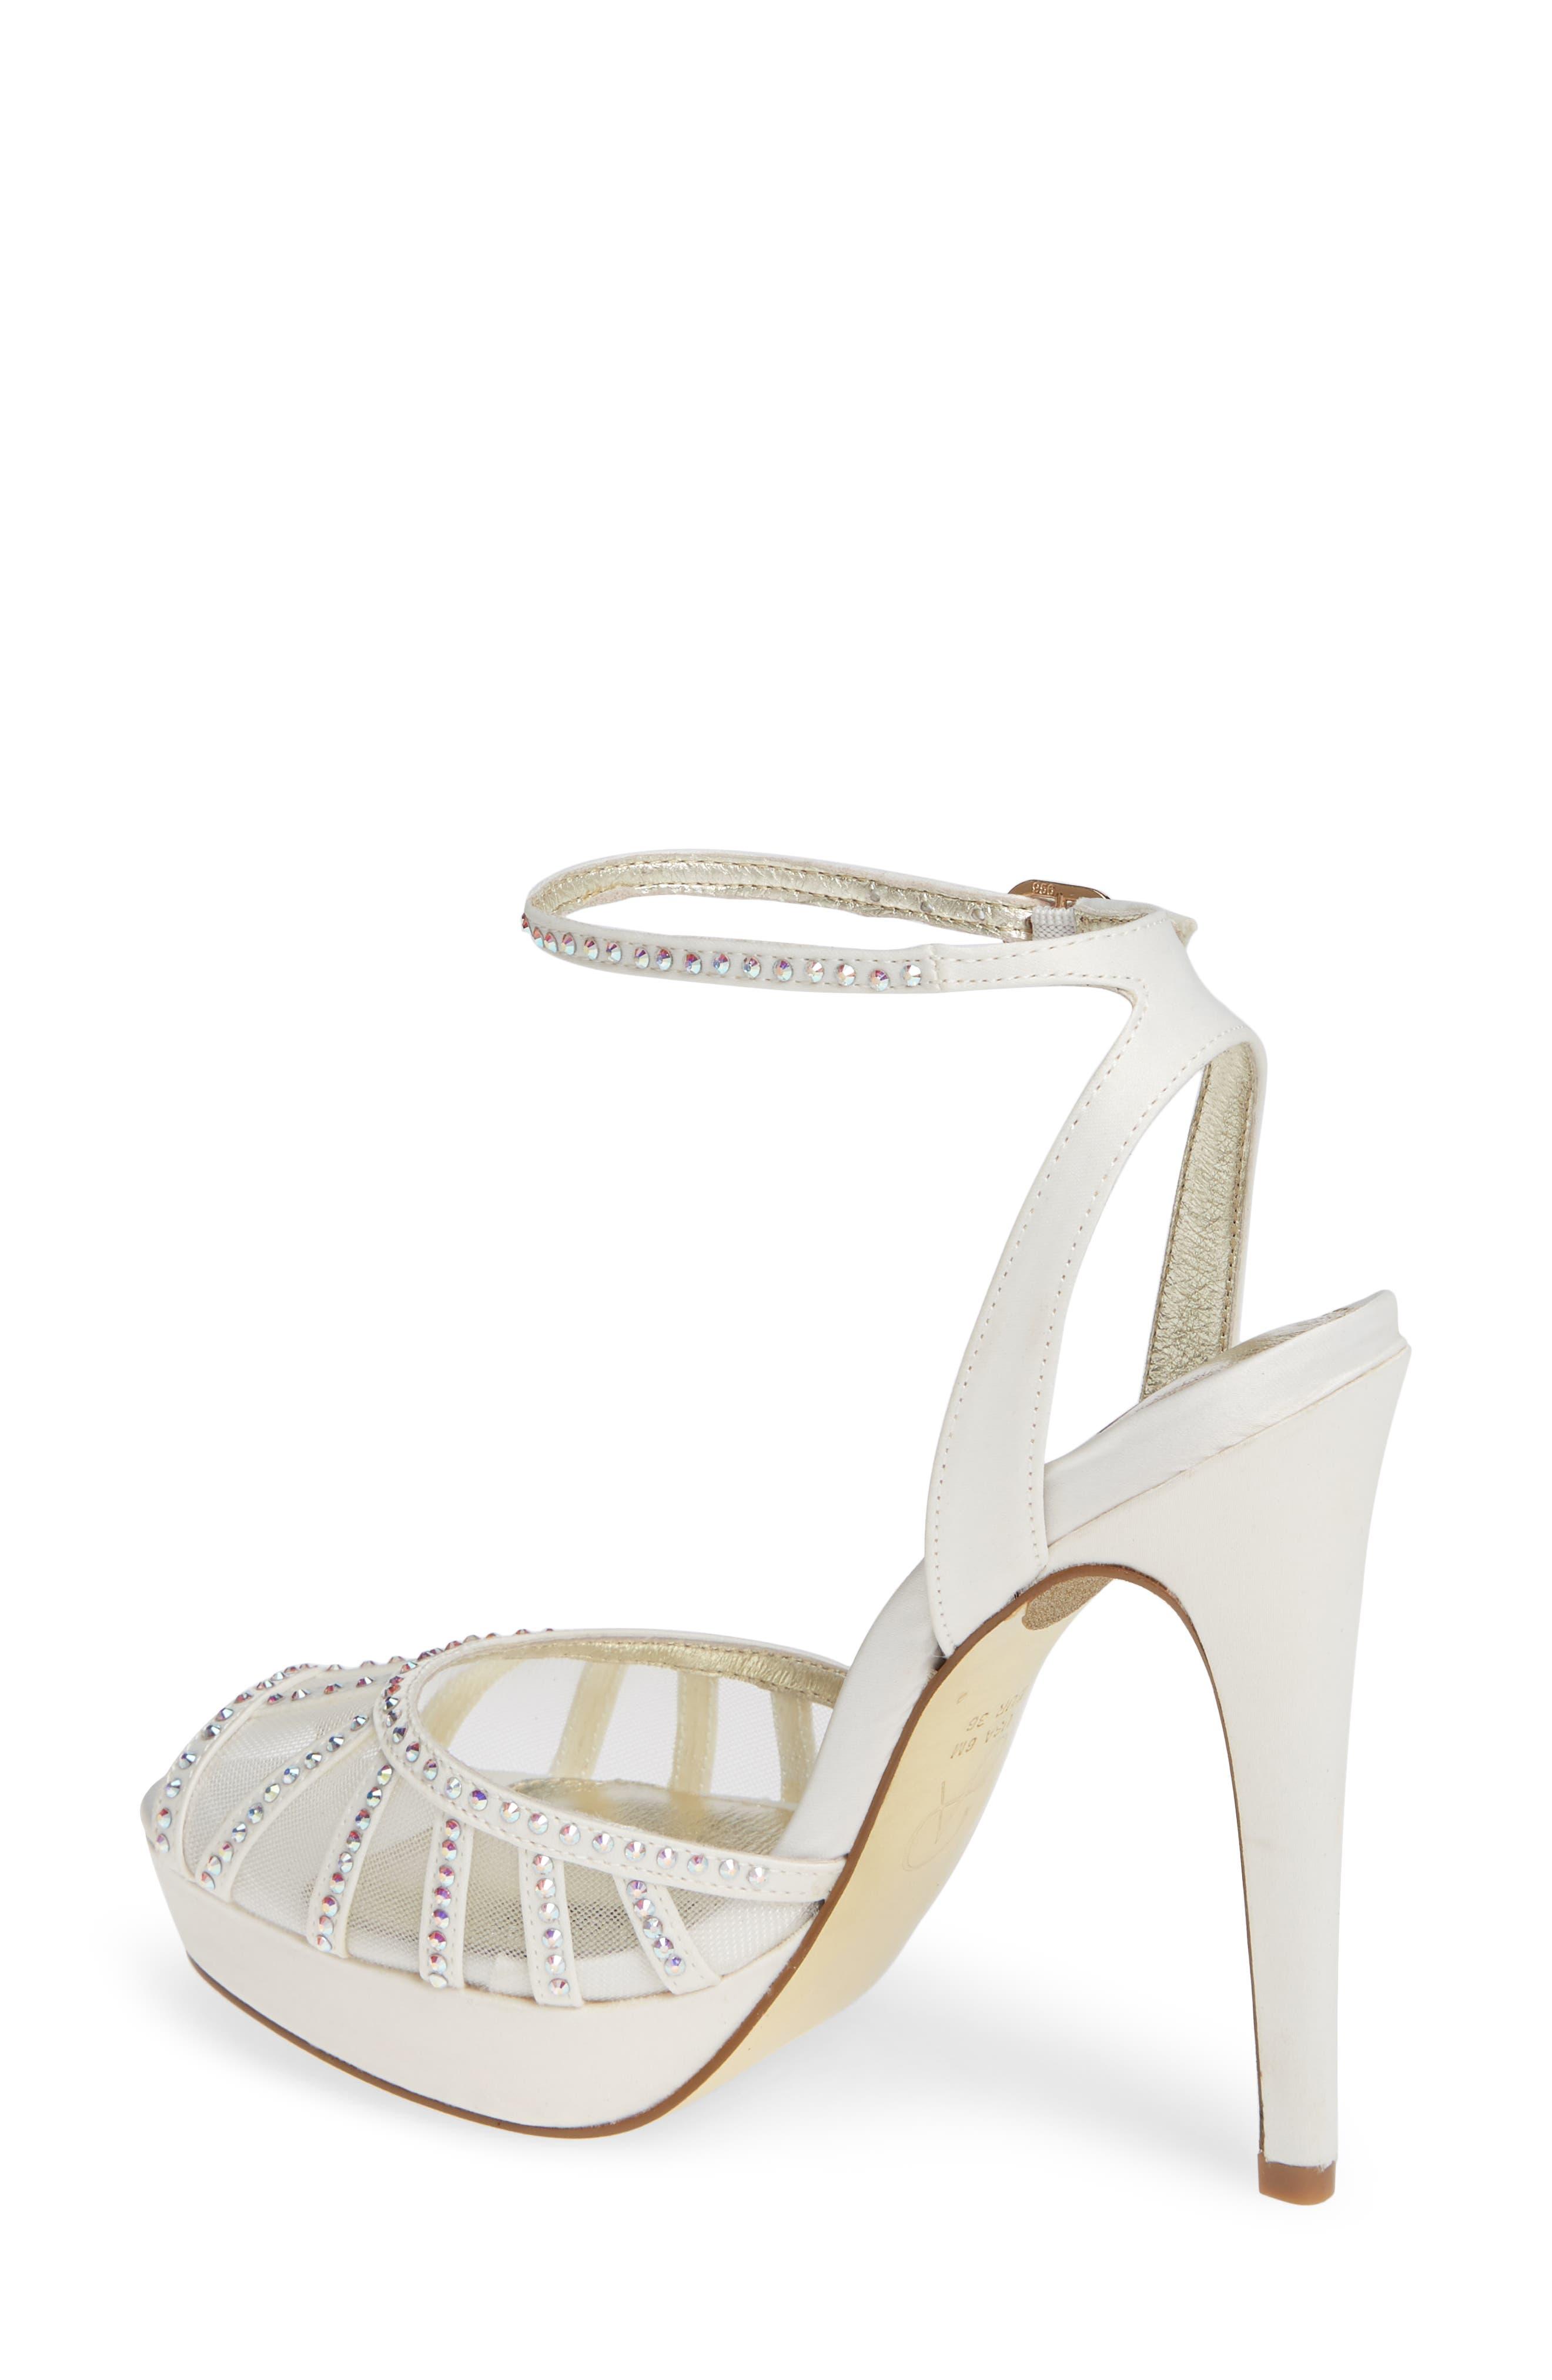 Simone Crystal Embellished Platform Sandal,                             Alternate thumbnail 8, color,